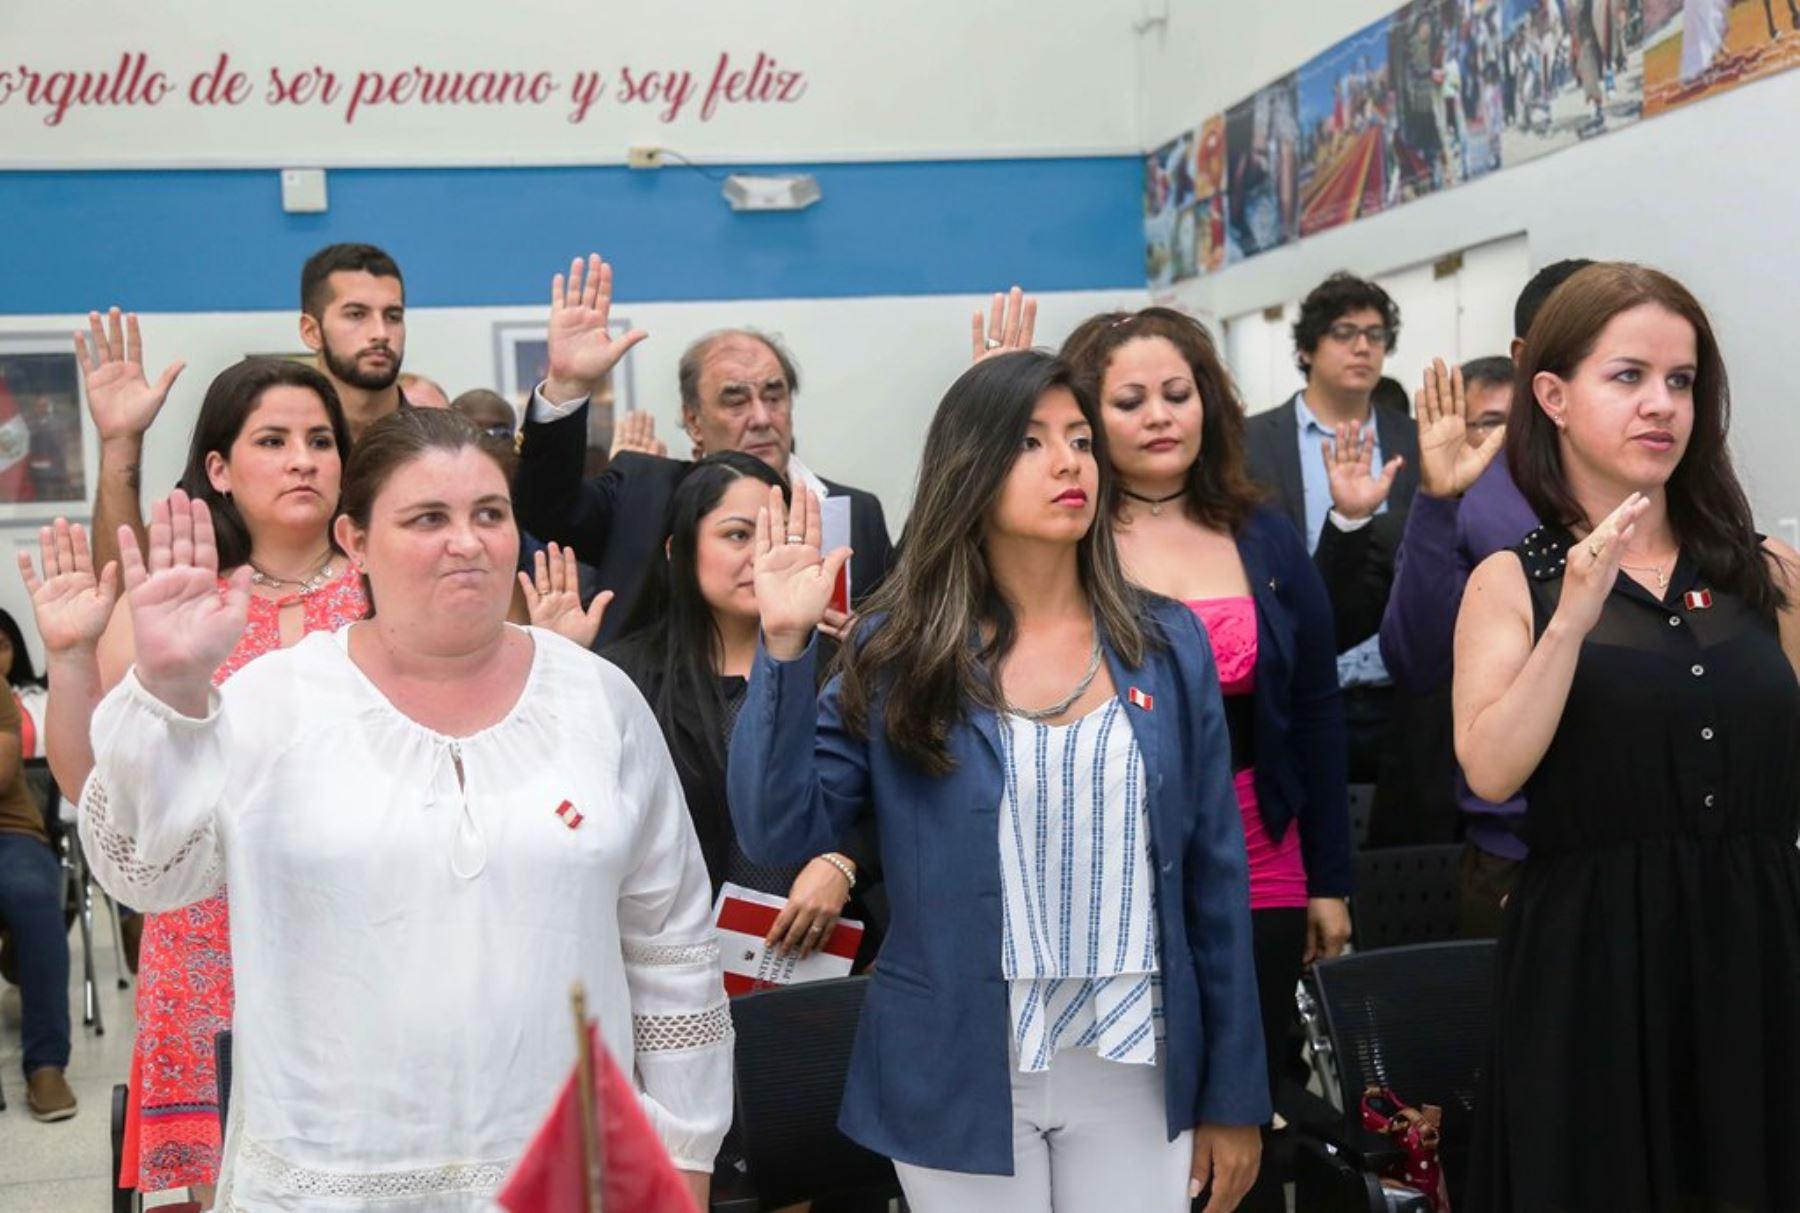 428 ciudadanos extranjeros se nacionalizaron peruanos el último año. Foto: ANDINA/Difusión.